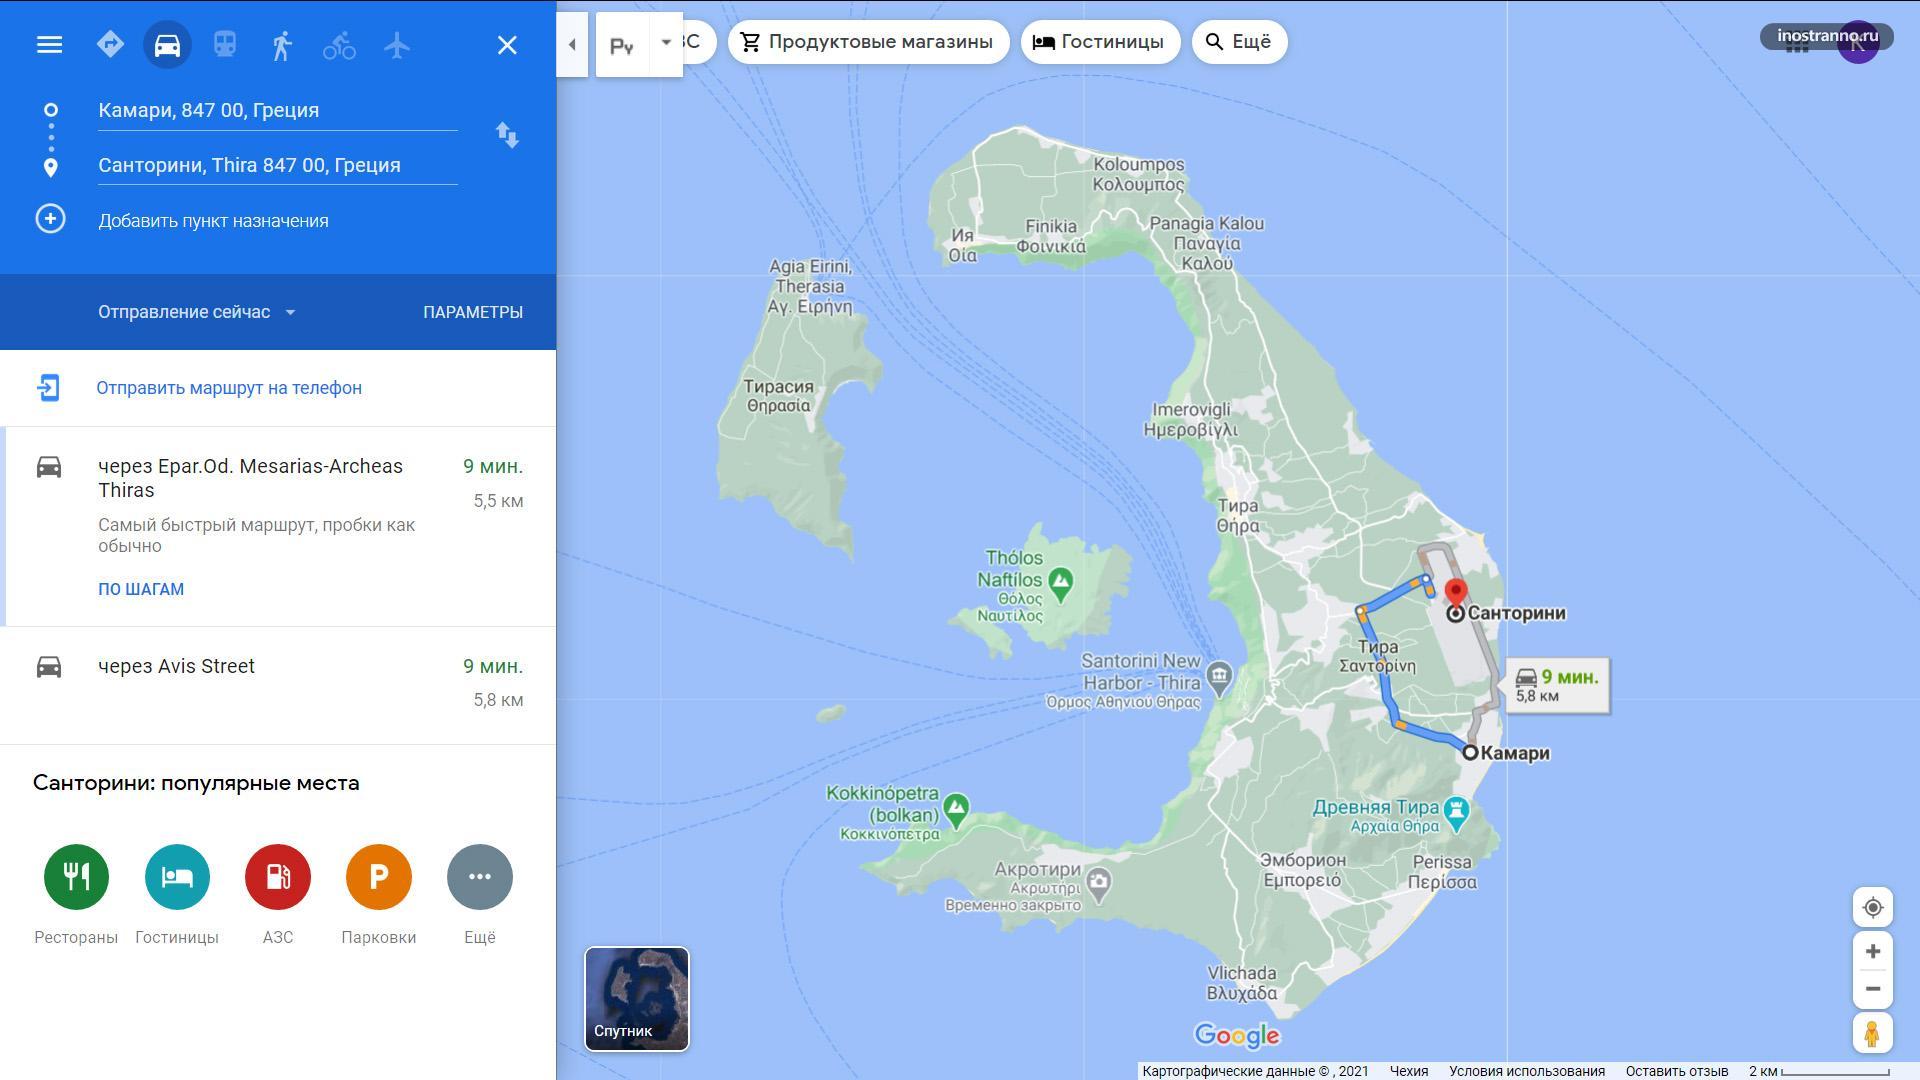 Расположение аэропорта Санторини на карте